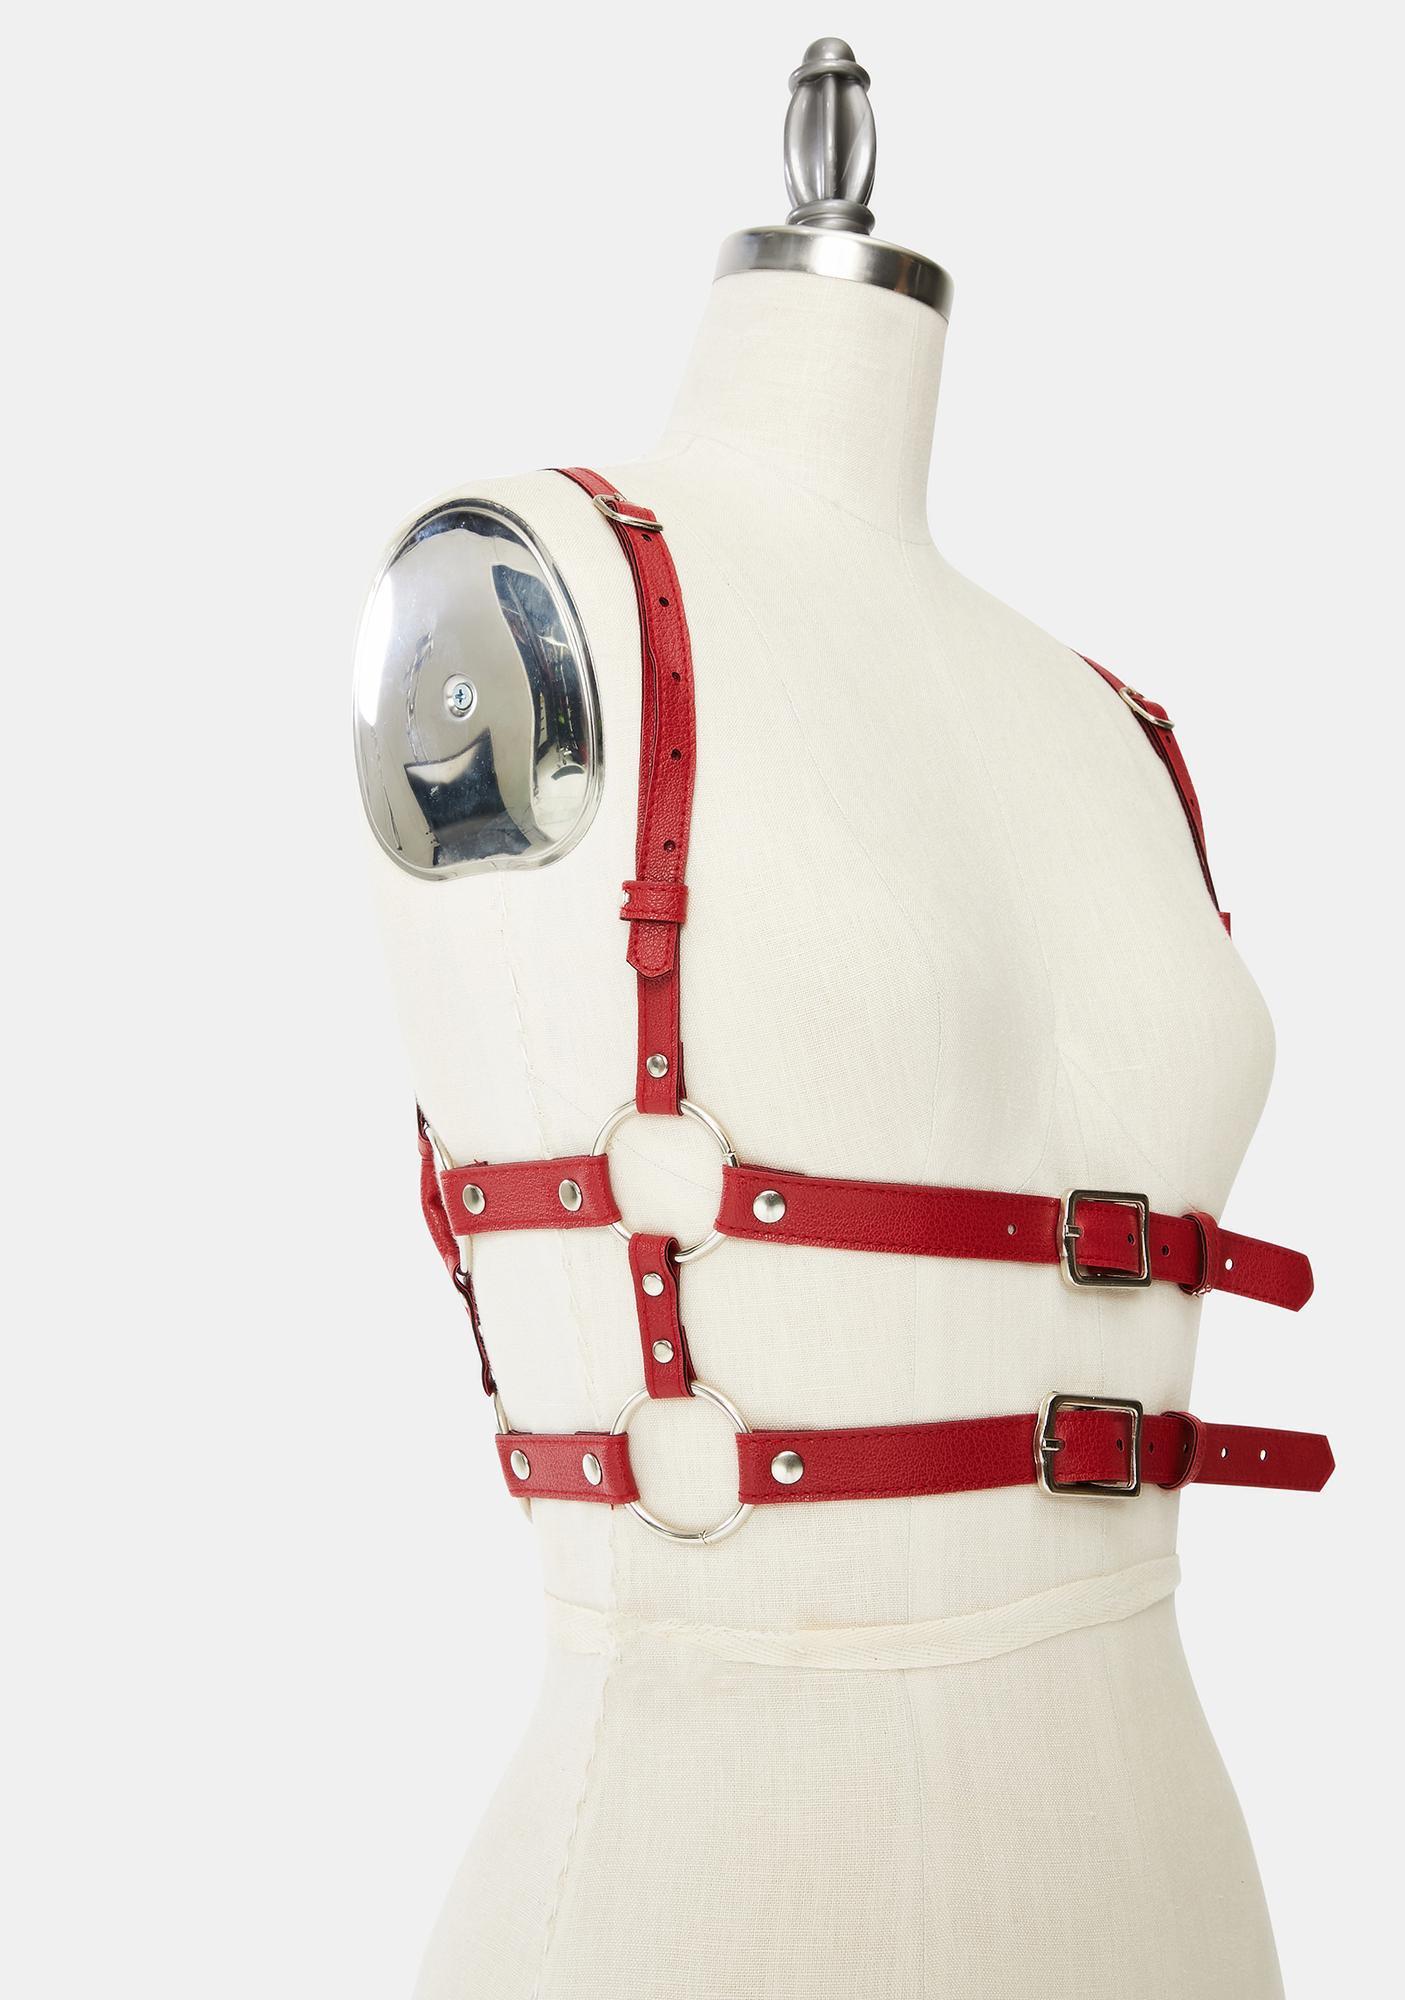 Kiki Riki Red Tight Hold Buckle Harness